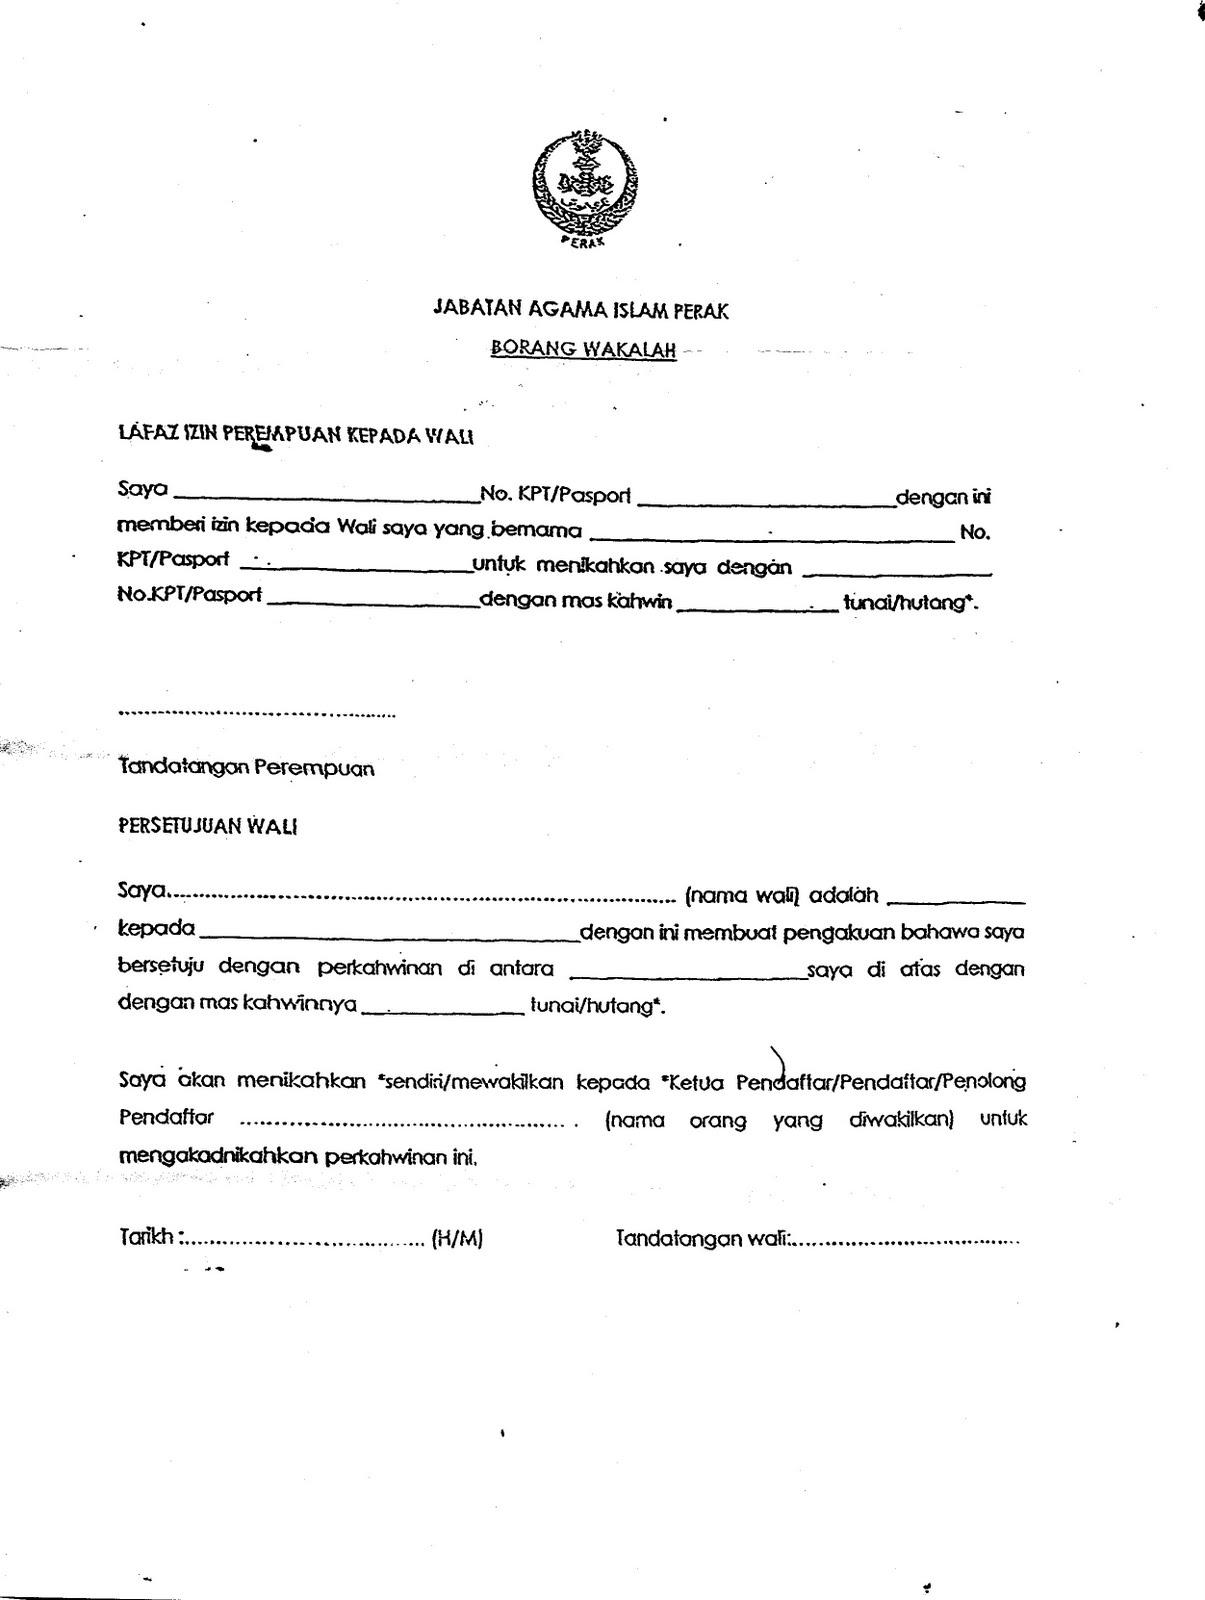 Contoh Surat Akuan Bujang Negeri Kedah Cuitan Dokter